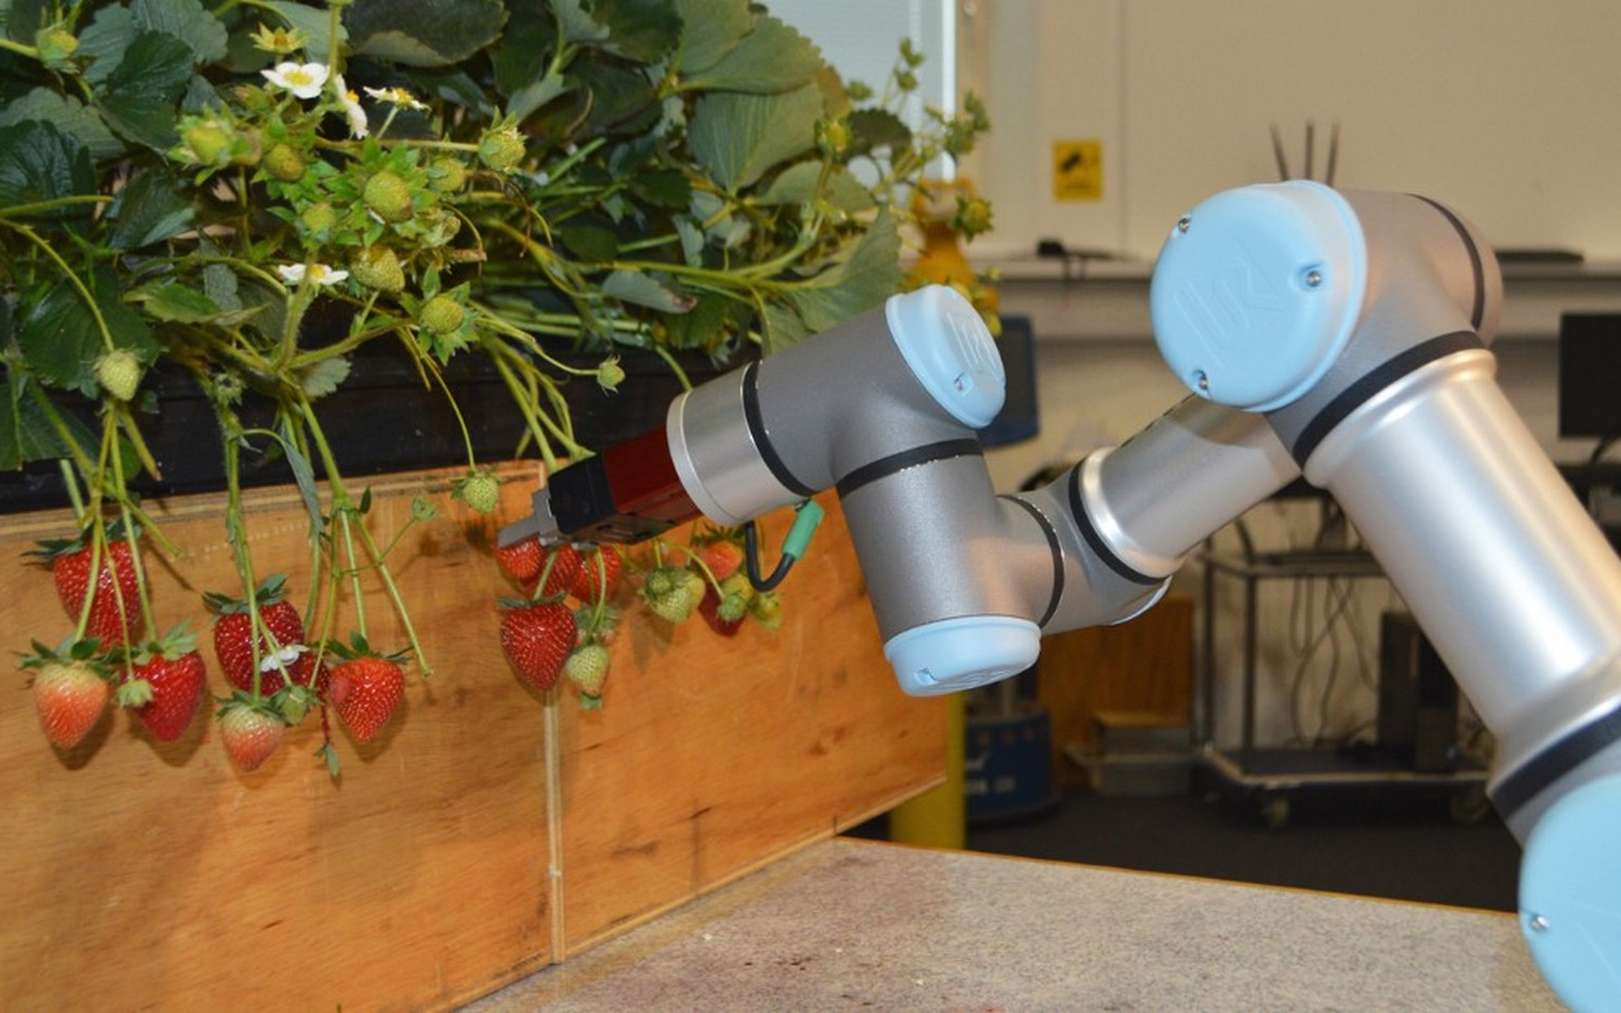 Le bras robotisé développé par l'université de l'Essex pour la cueillette des fraises. © Essex University